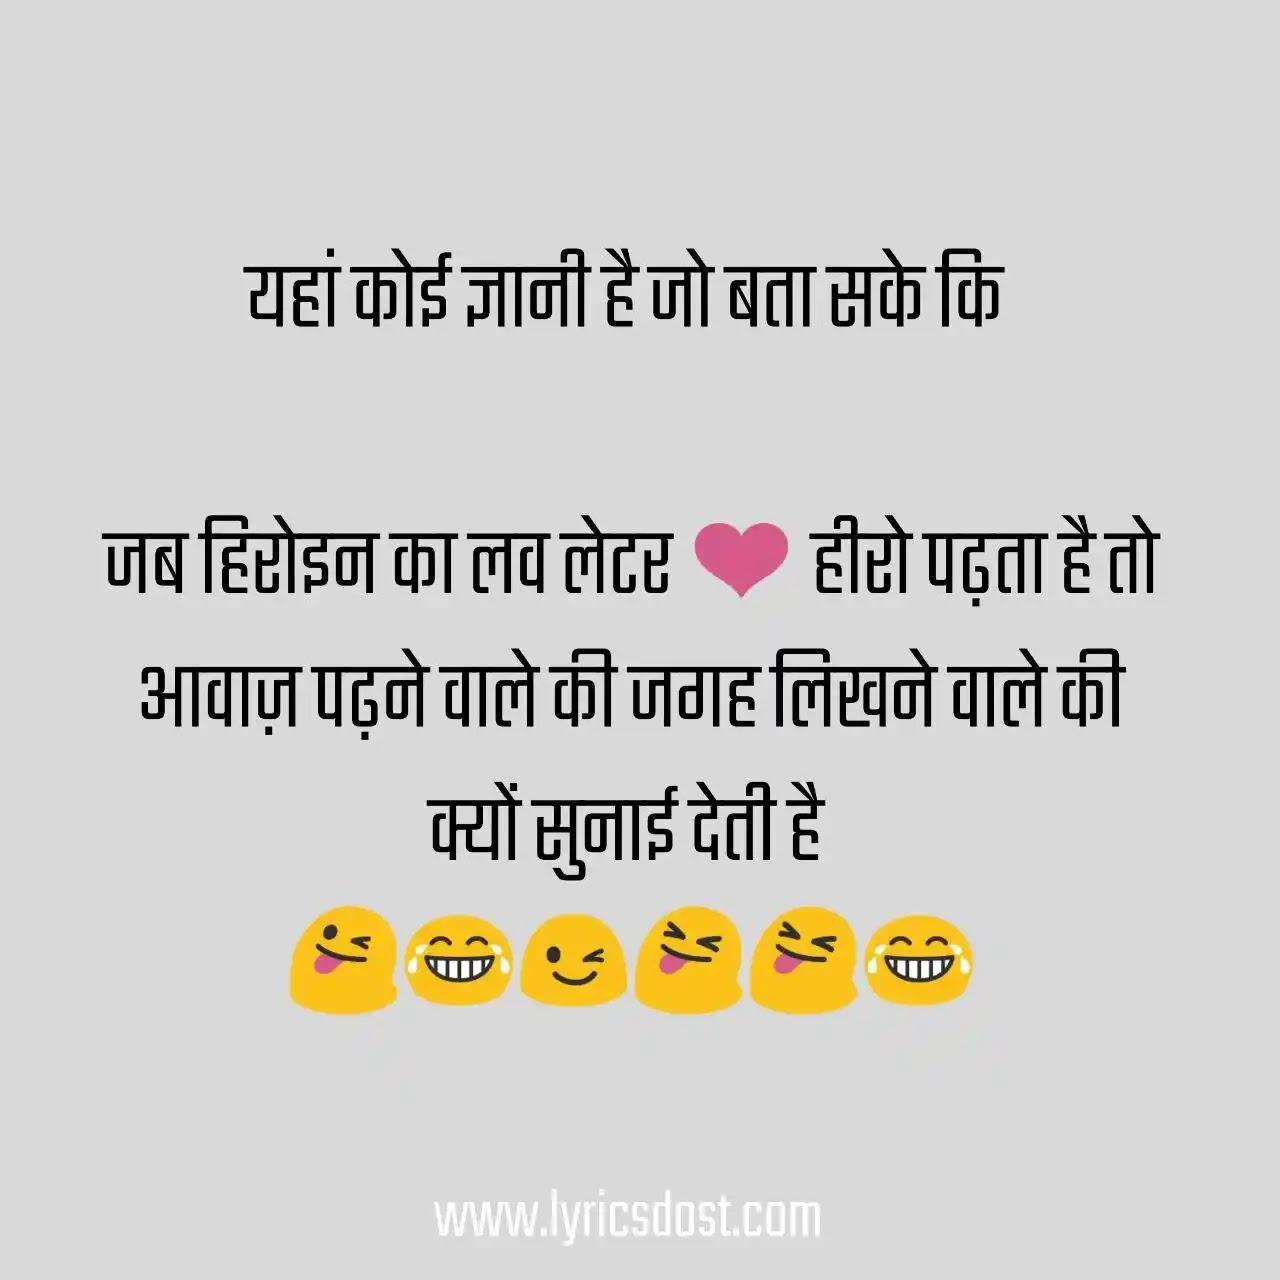 Funny Shayari - Funny Comedy Shayari Hindi